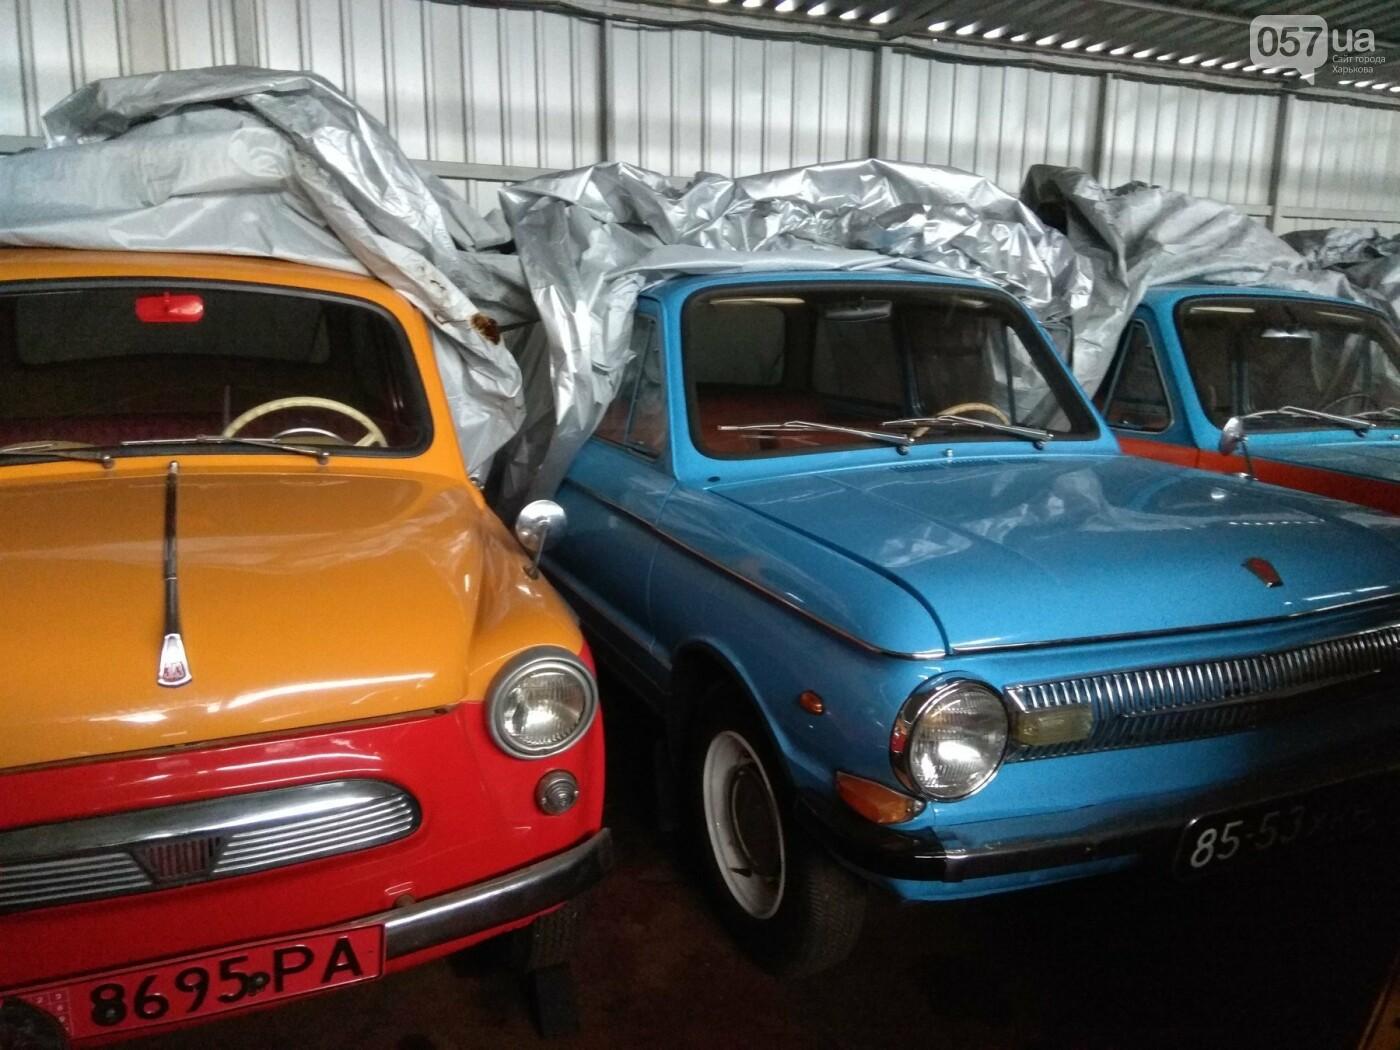 «Buick» Буденного и самодельные машины: как харьковчанин собрал коллекцию из 100 ретро-автомобилей, - ФОТО, фото-5